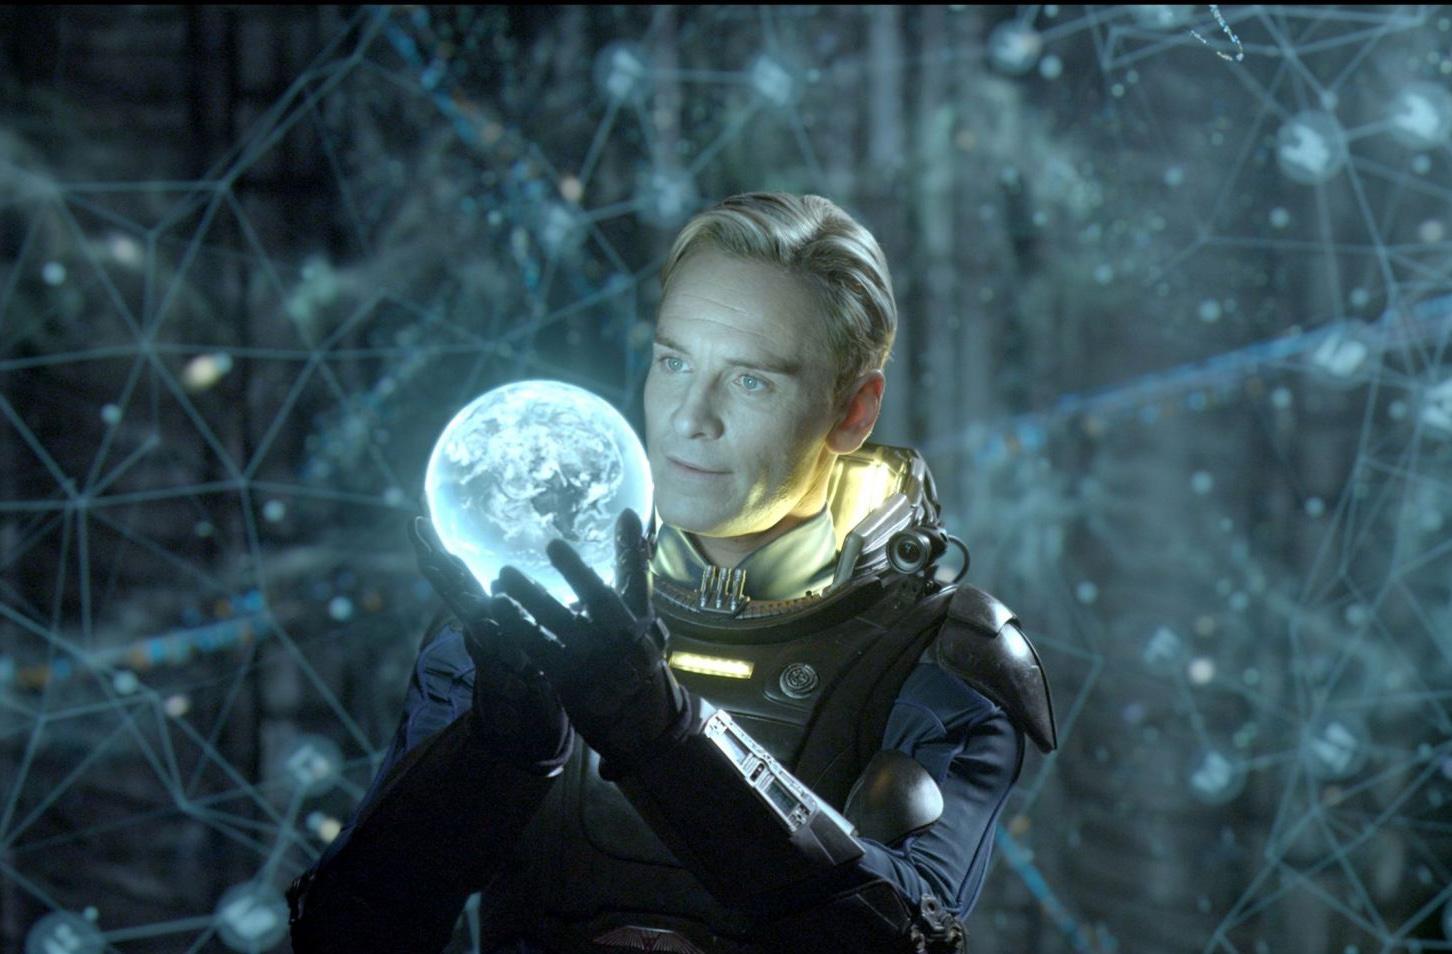 alien2.jpeg